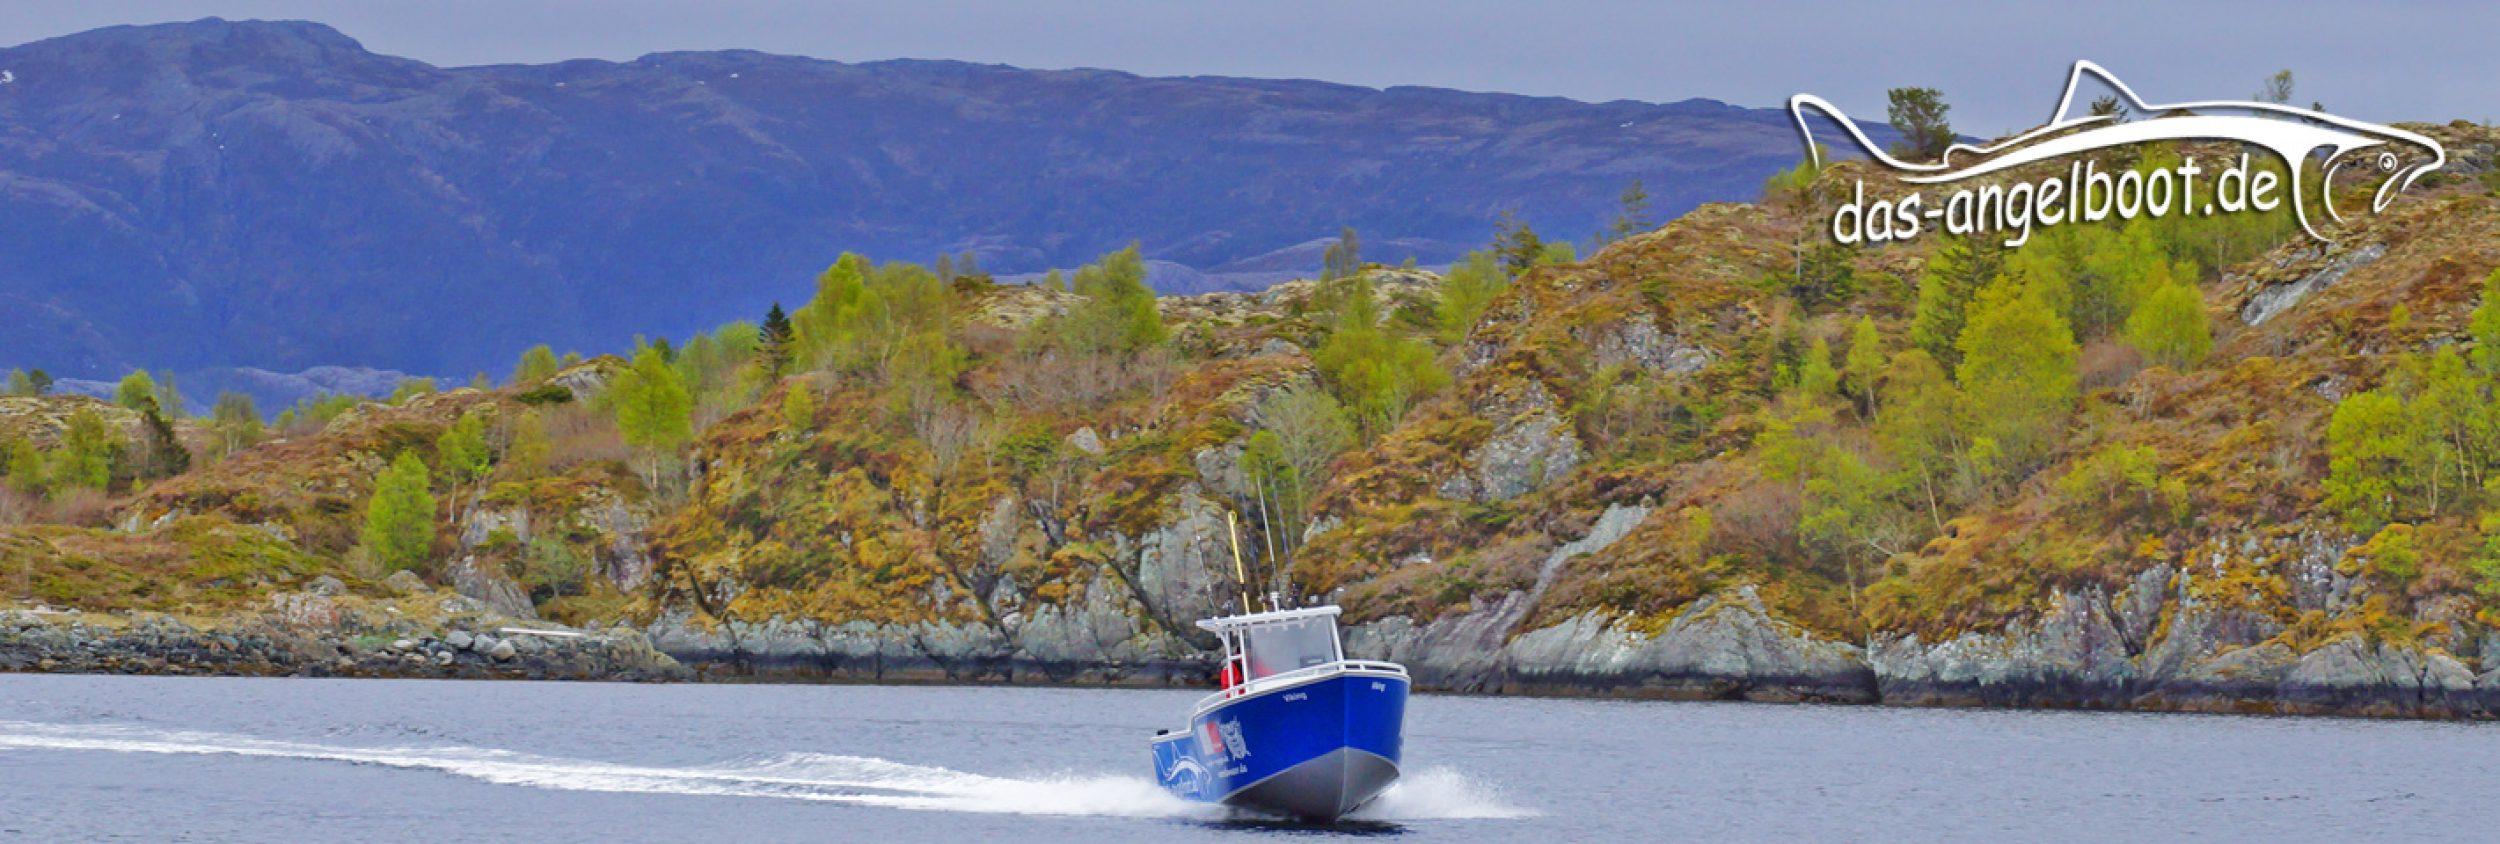 das Angelboot